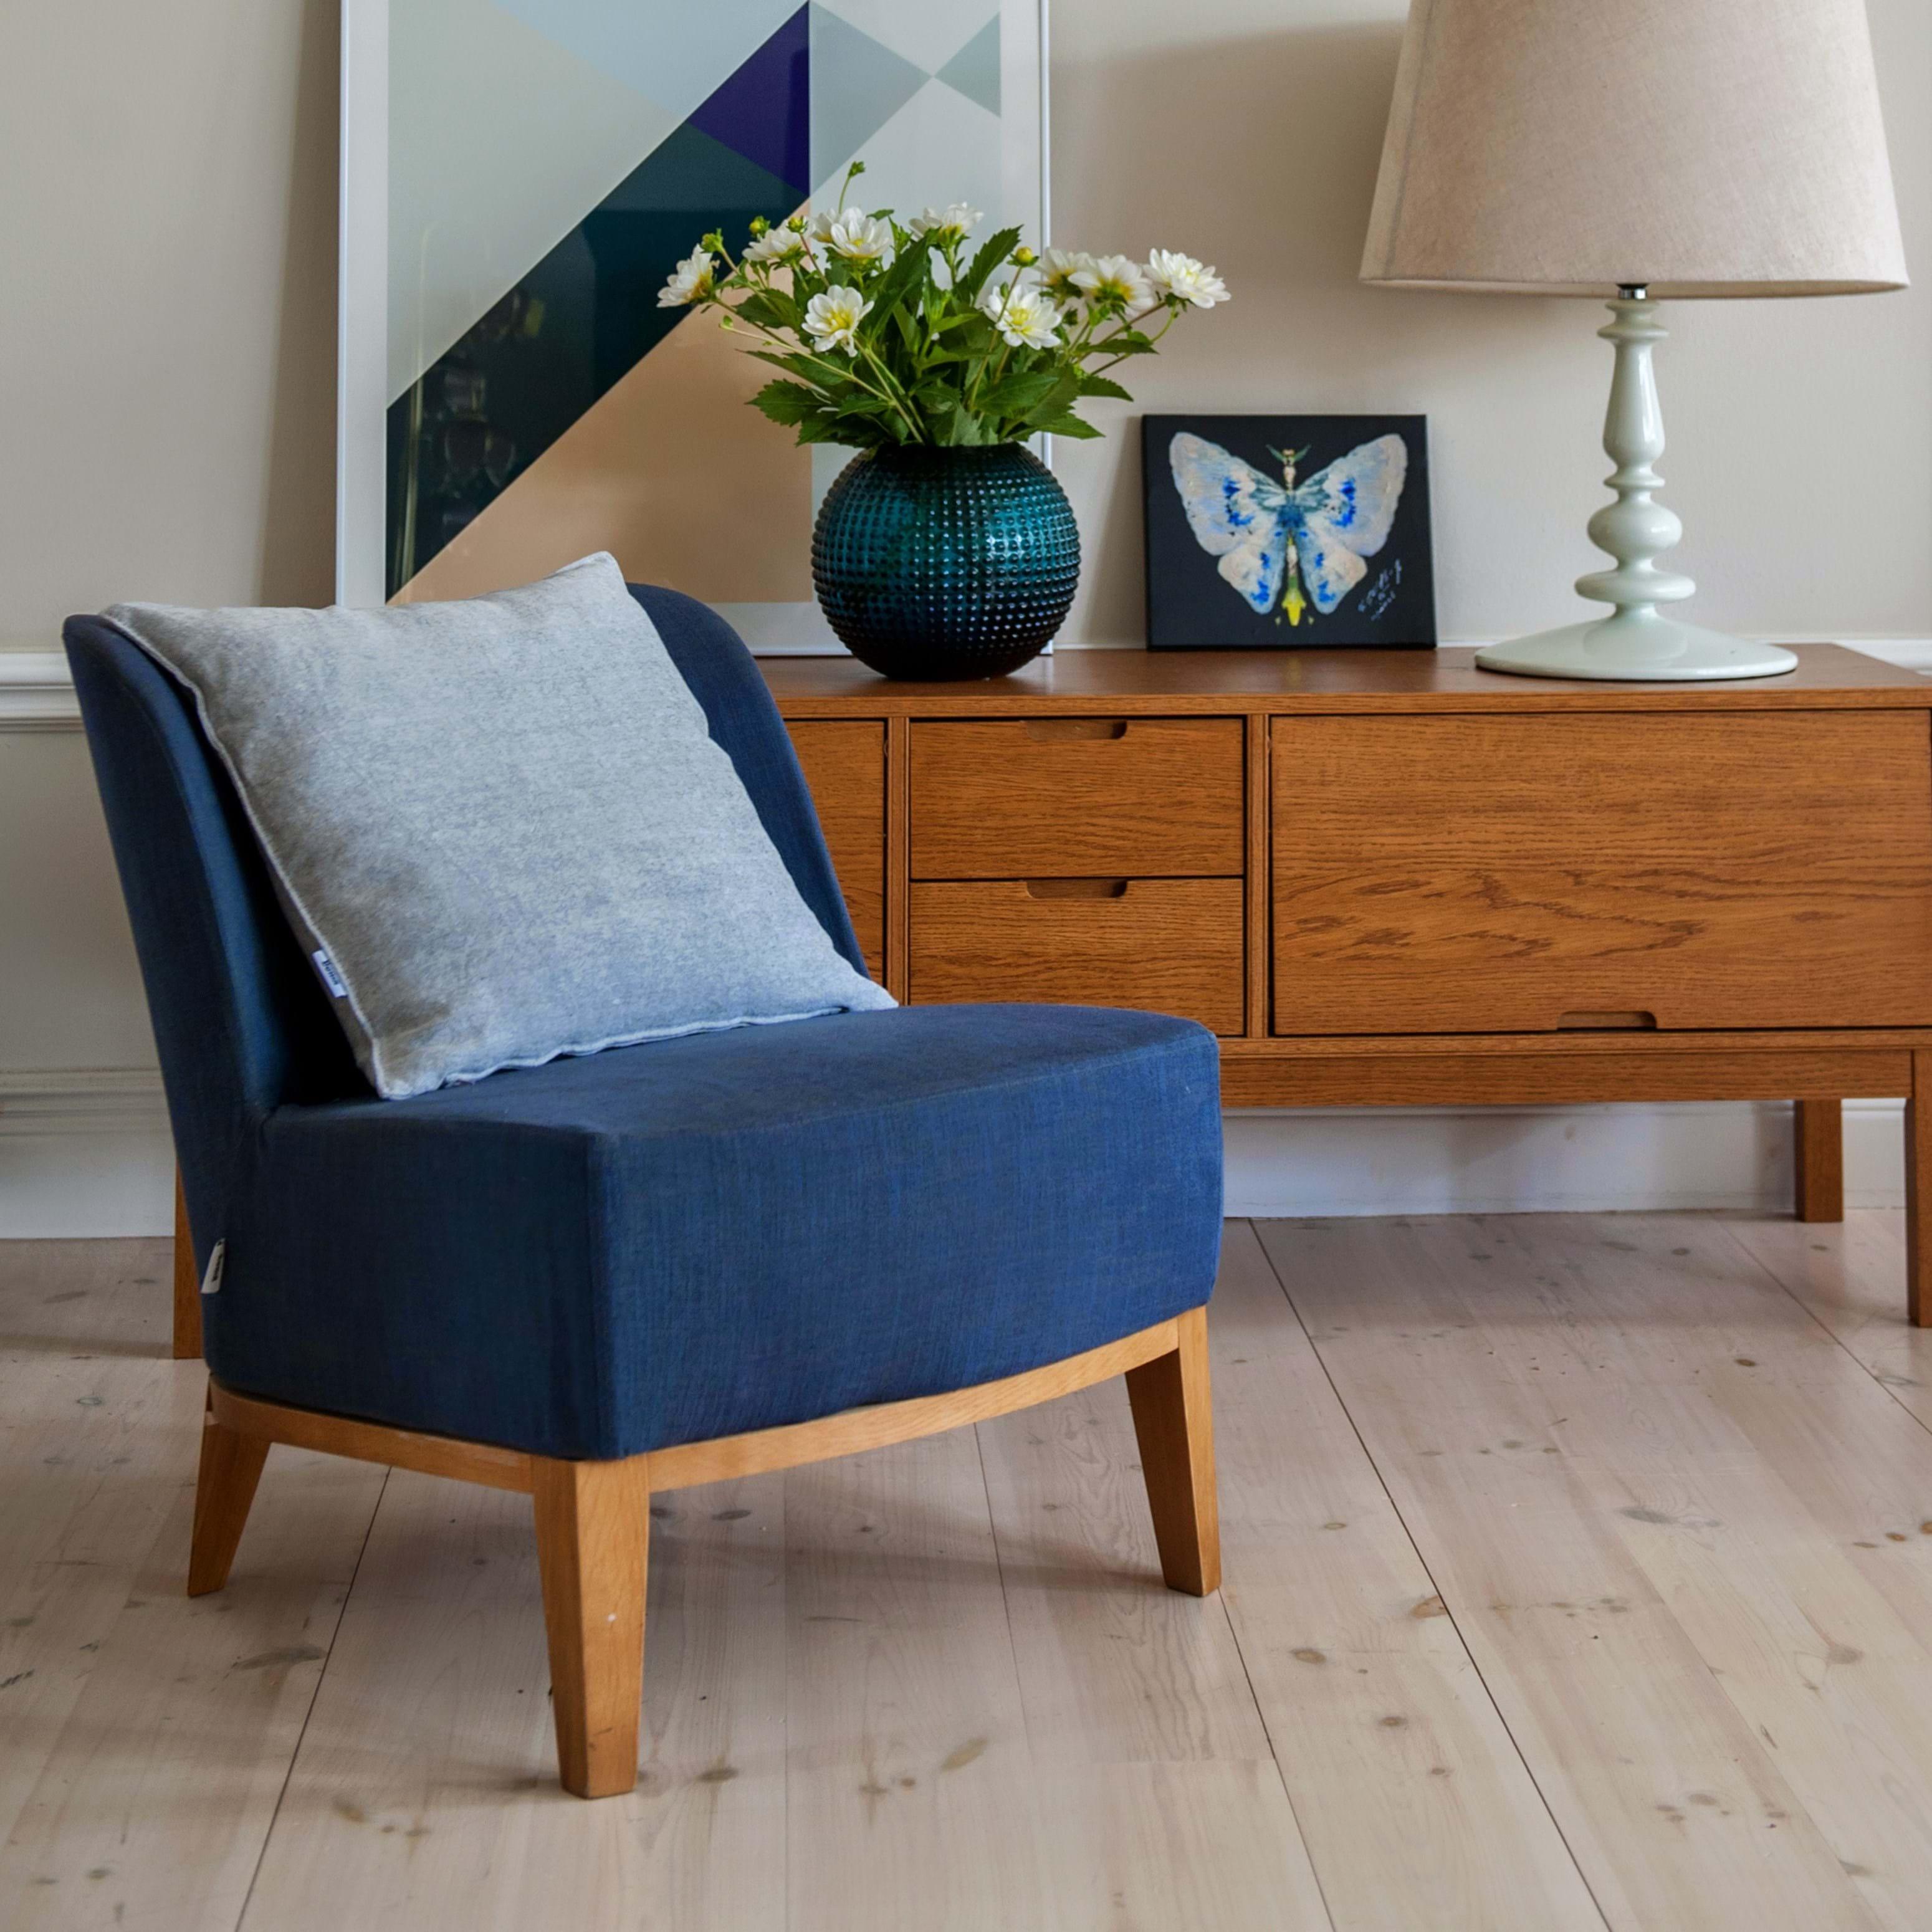 إعادة إنتاج صدى جوهريا ikea stockholm easy chair